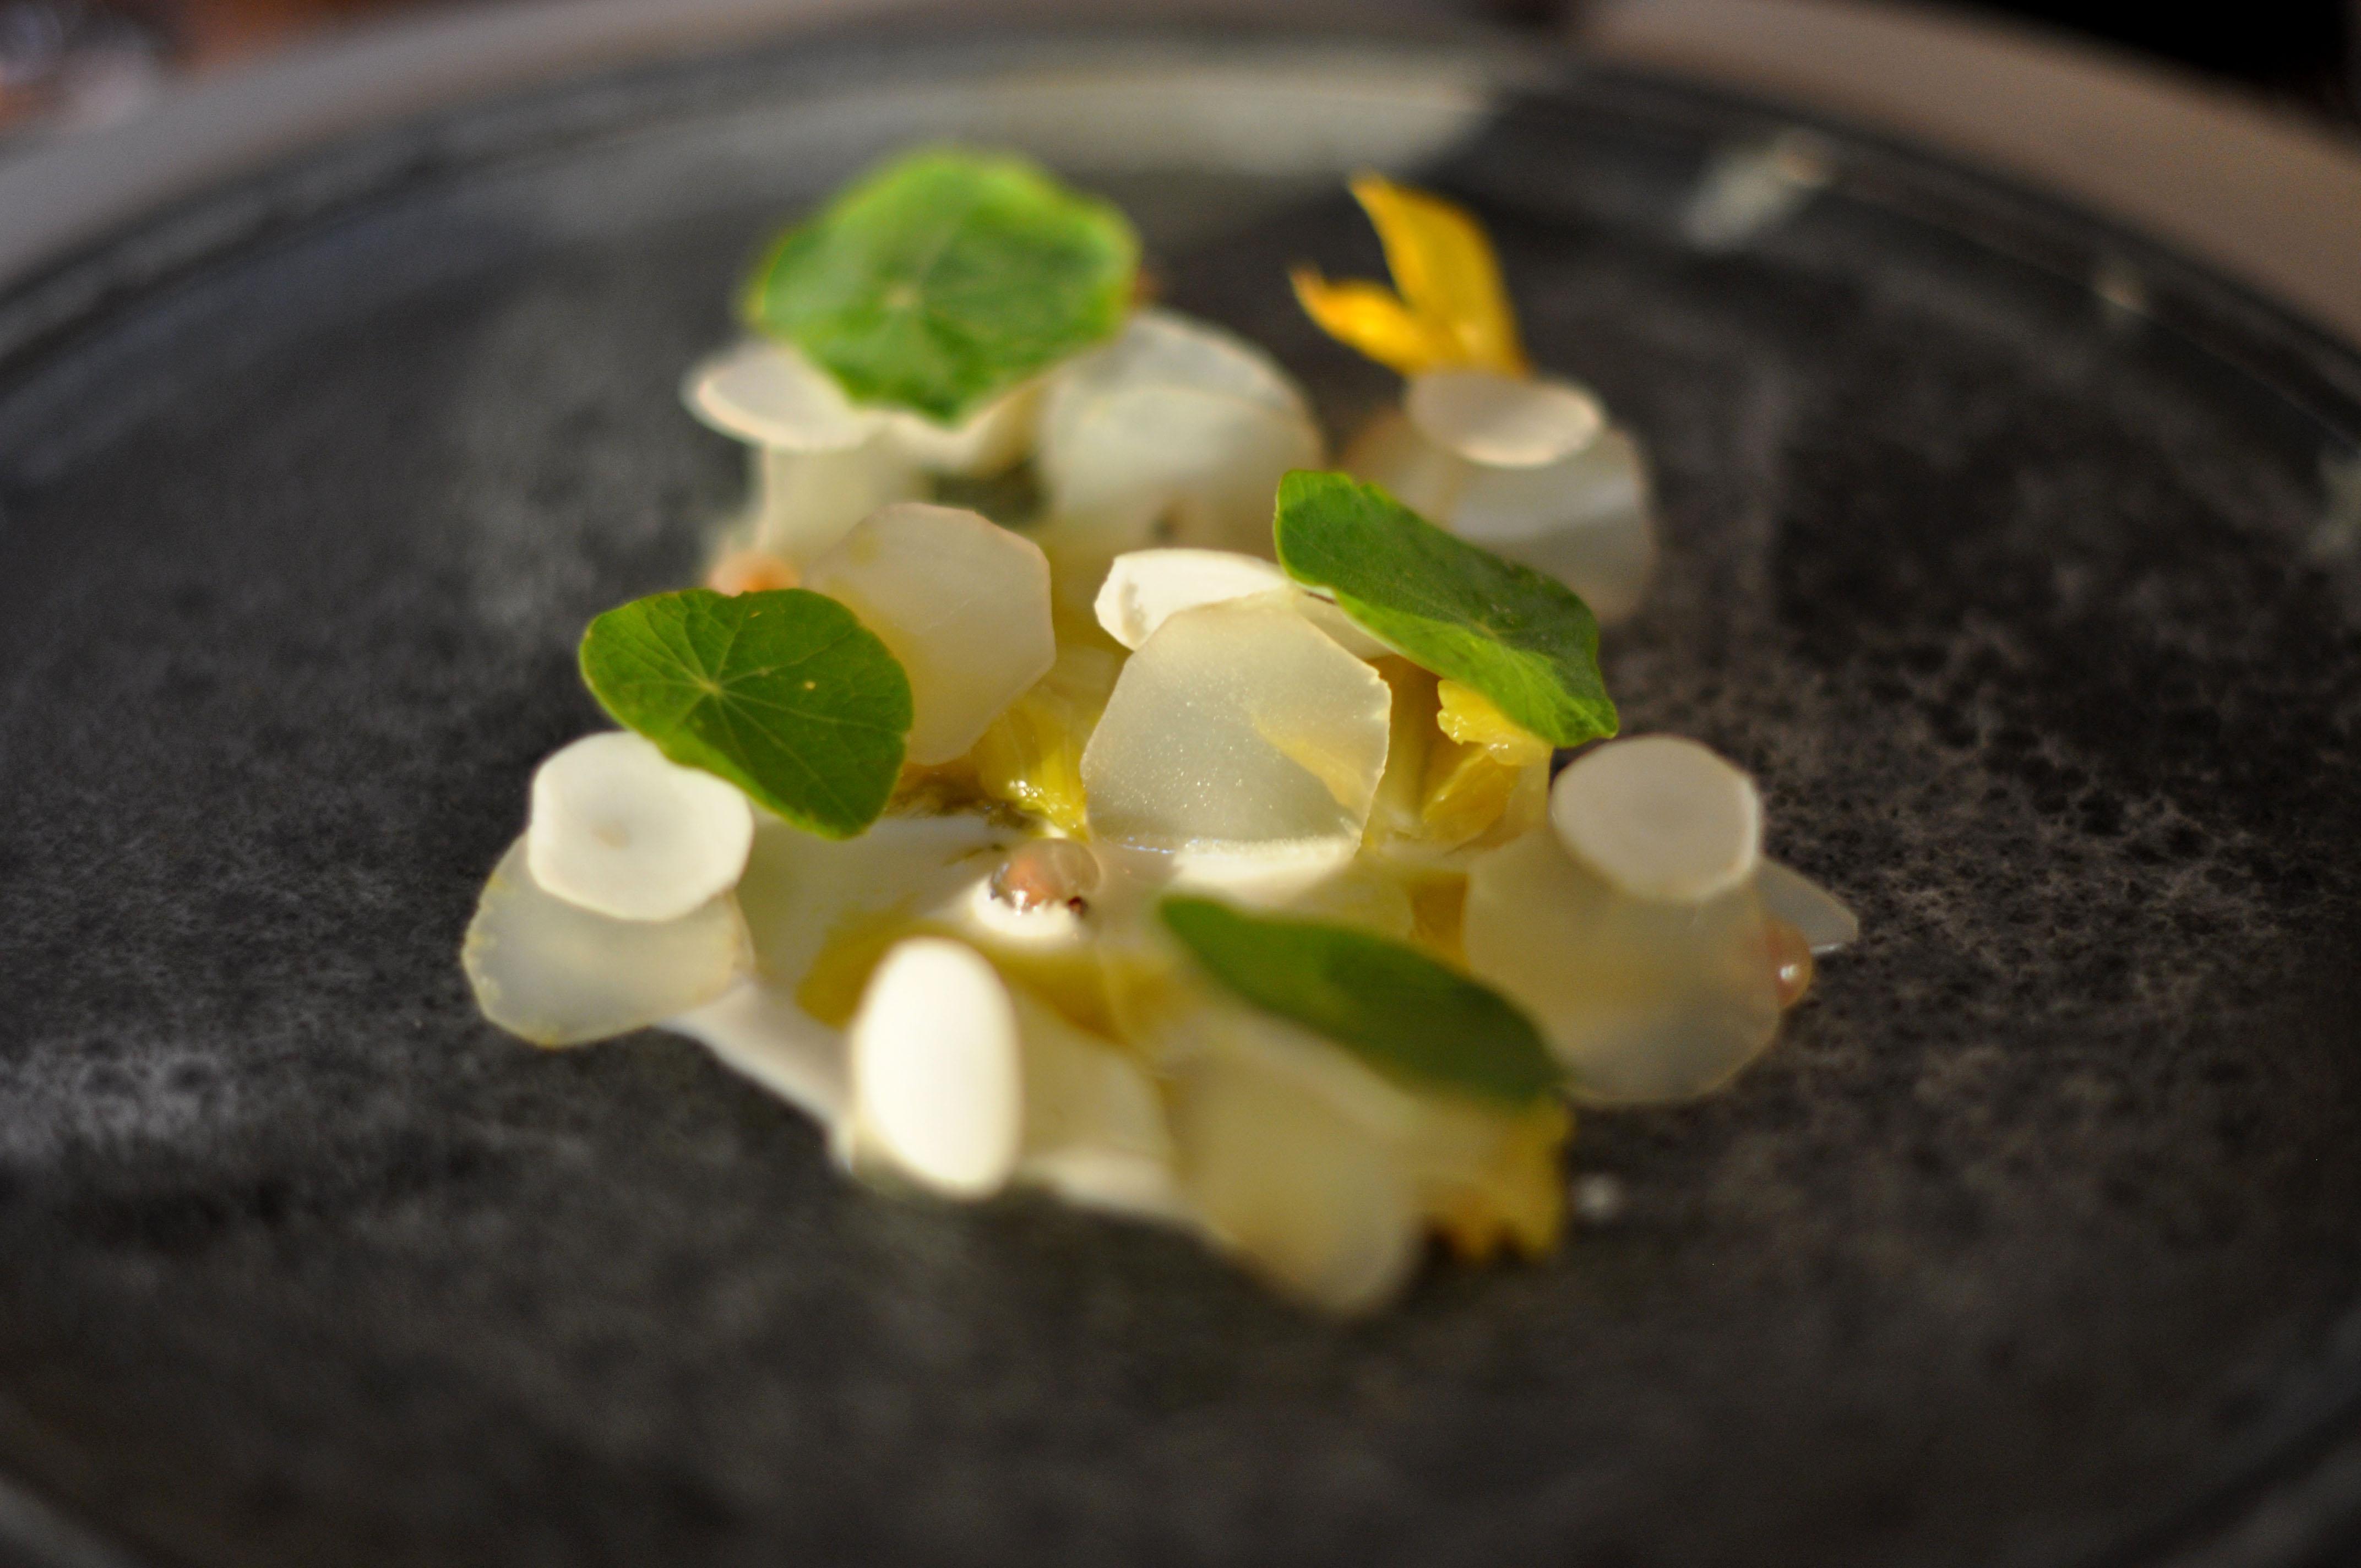 Restaurant_Noma_Hjertesalat_med_friske_hasselnødder,_æble,_hasselnøddeolie,_agurkeblomster_og_hvide_ribs_(4959765228)